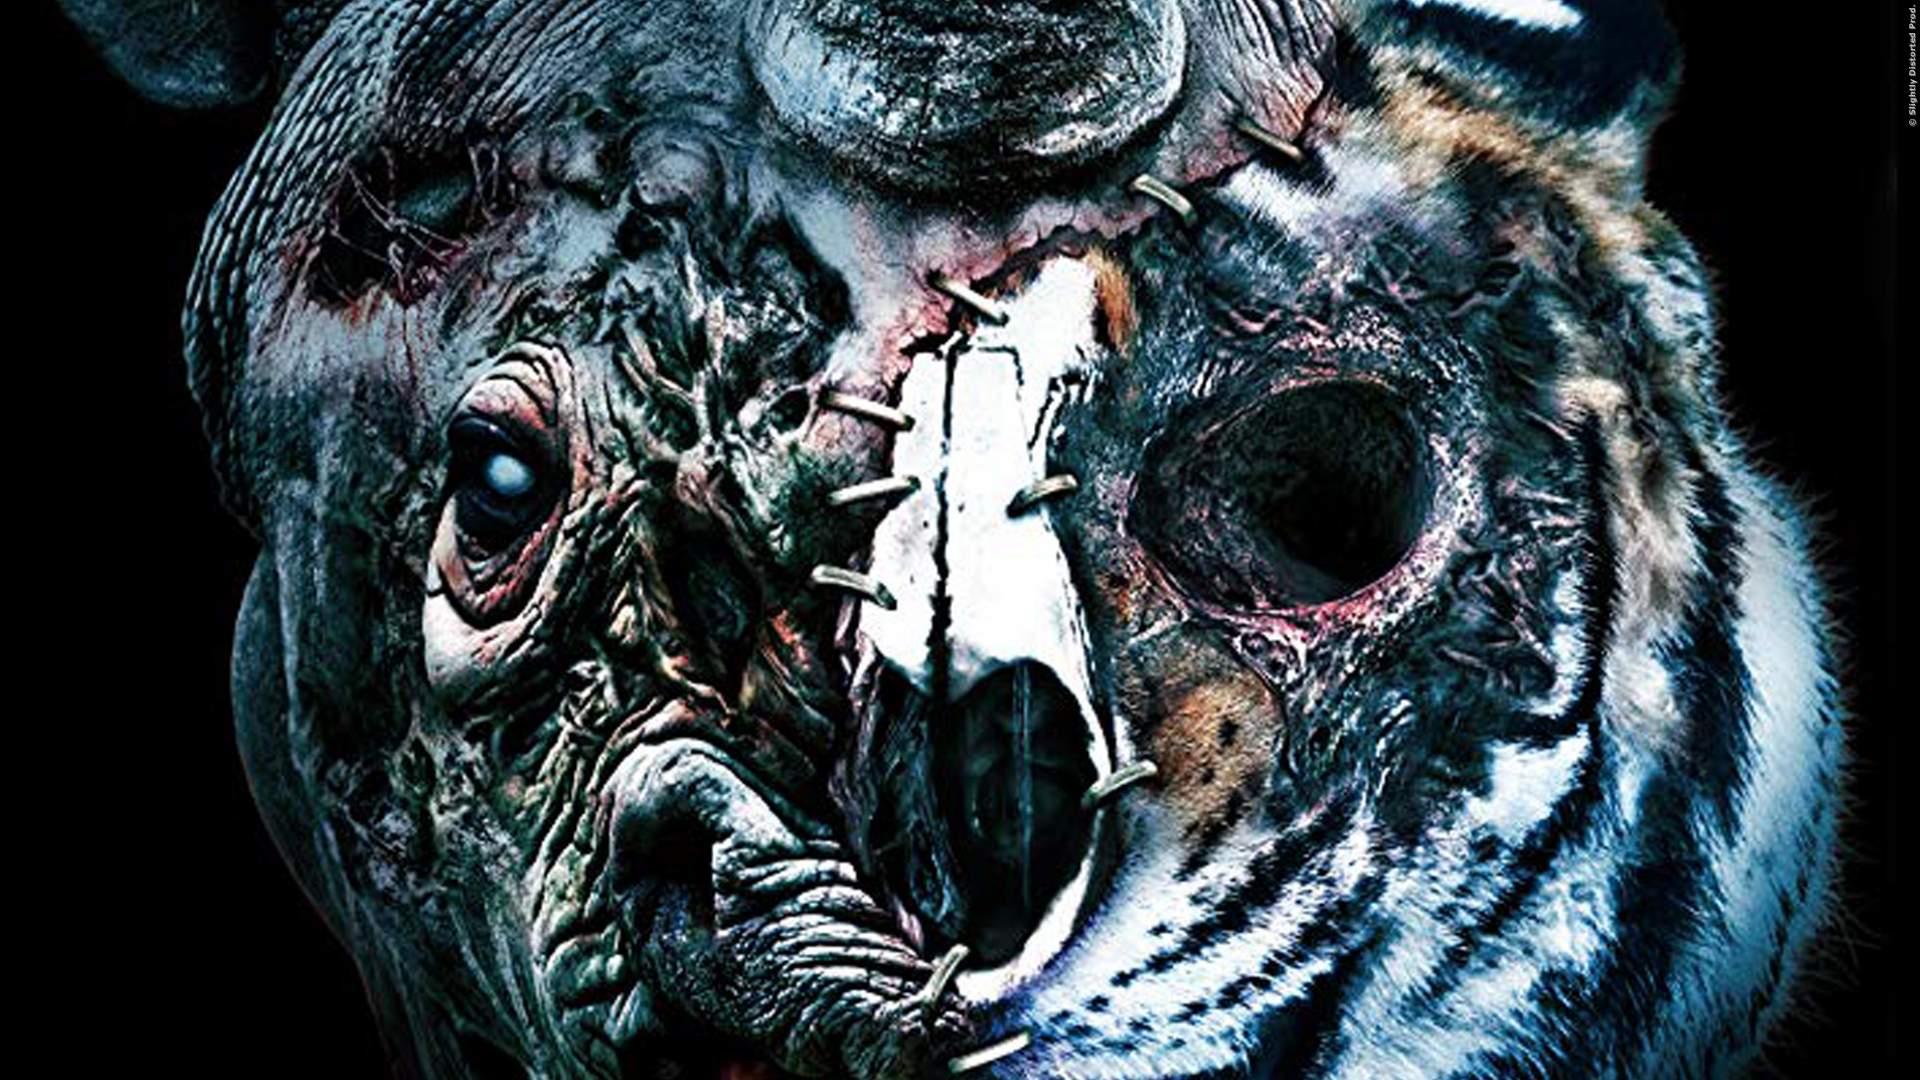 ZOMBIES: Horror-Trash vom Feinsten - Untote Vierbeiner wollen Rache - Trailer